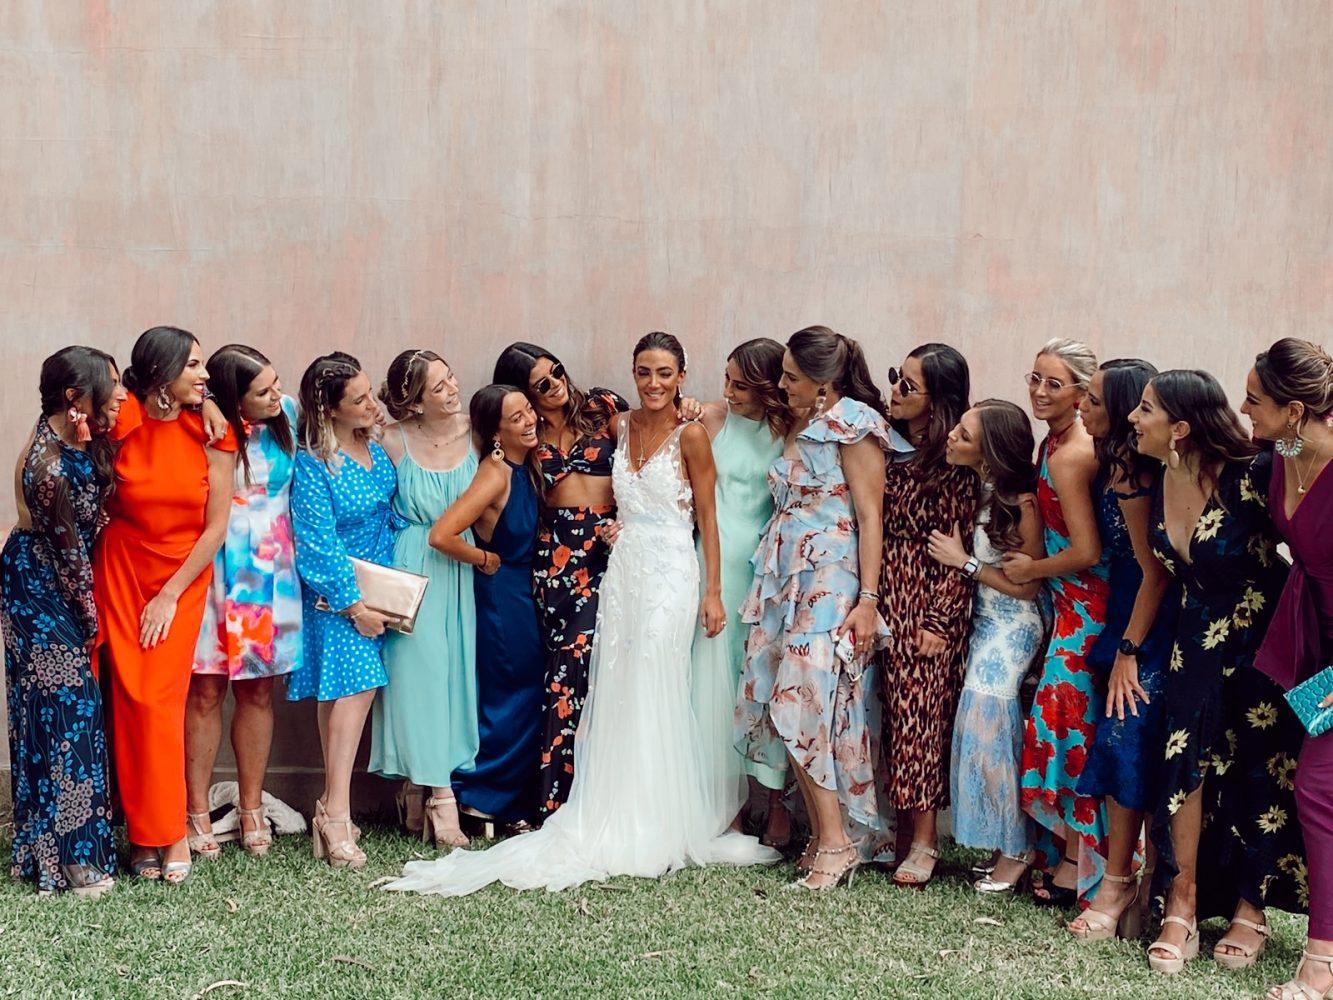 Las amigas felices por la novia